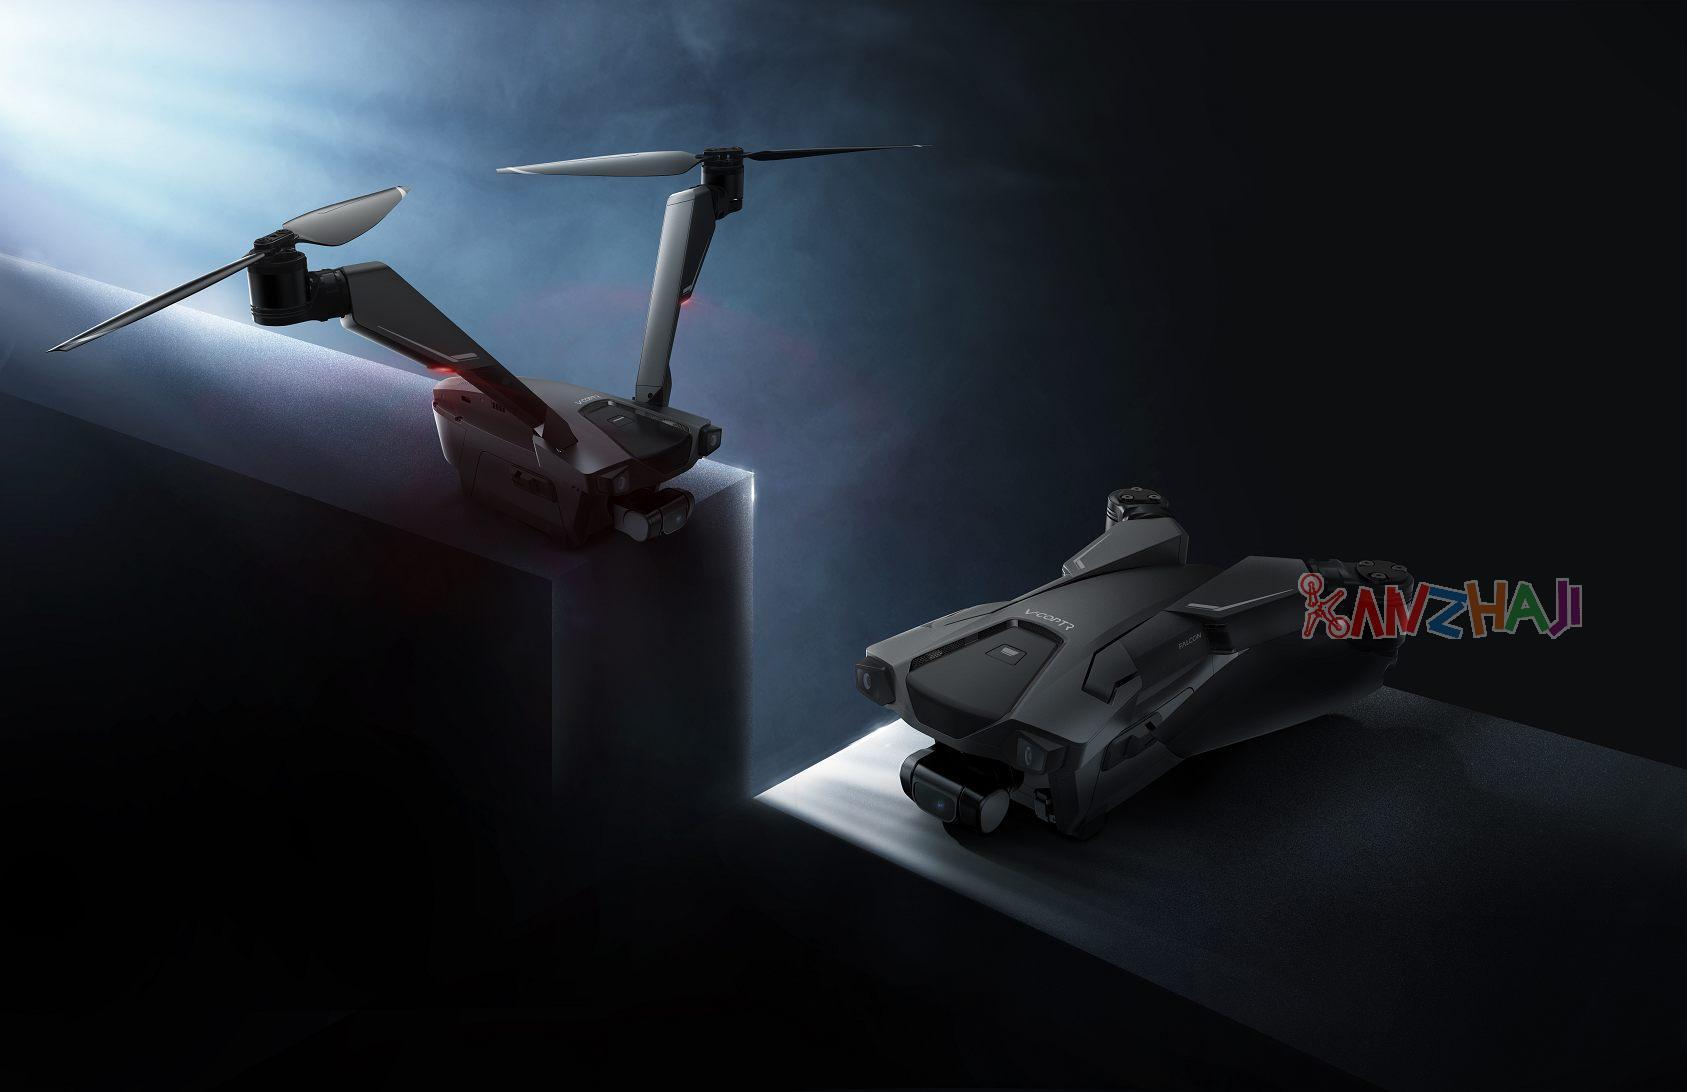 一款来自未来的无人机,全球首款V型双旋翼无人机50分钟超长续航隆重登场